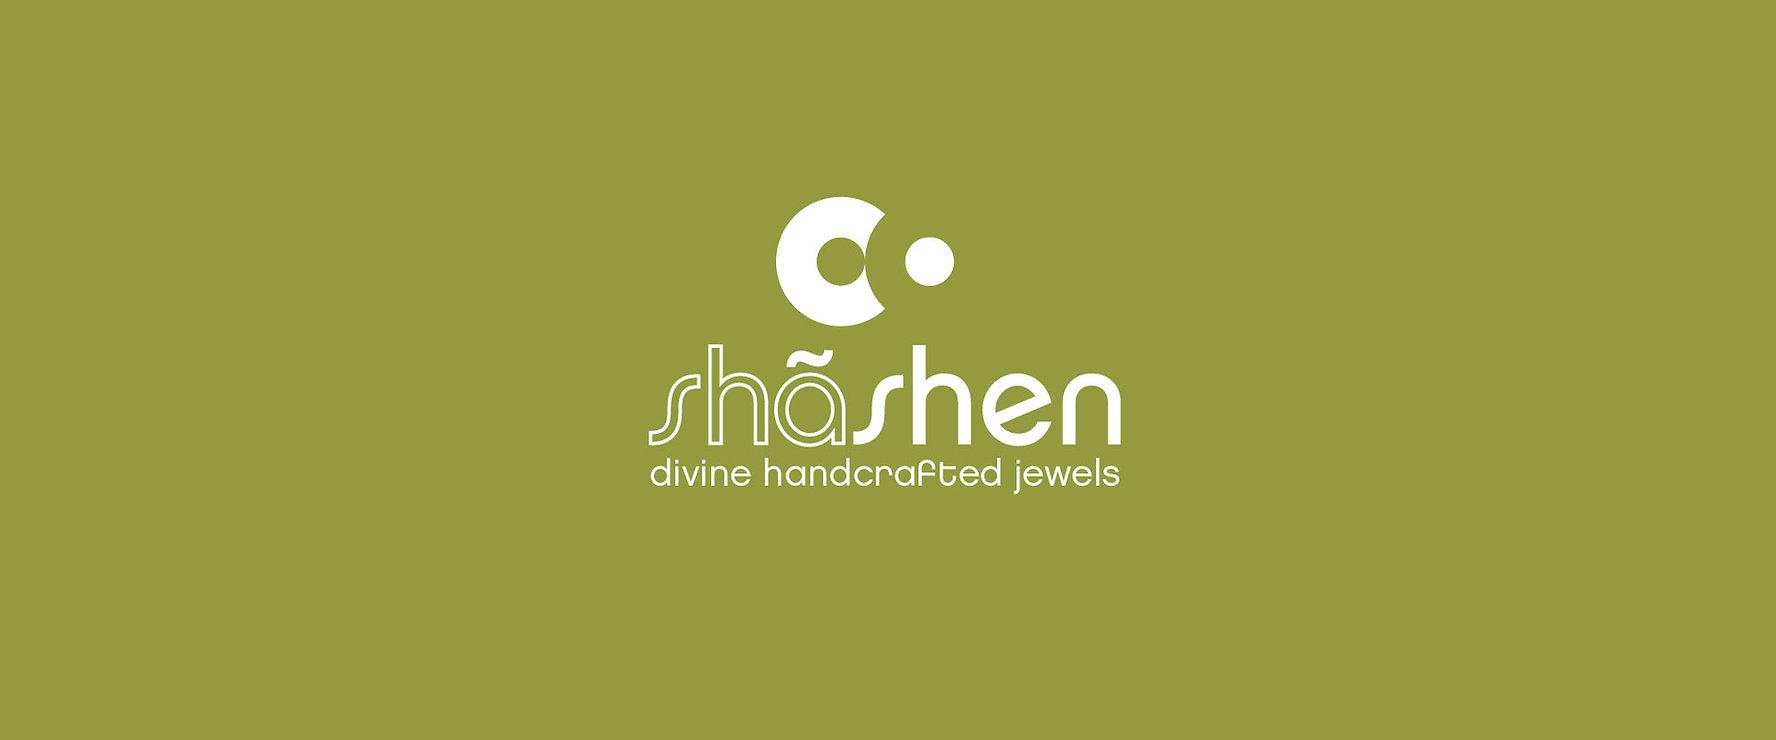 shashen-logo.jpg